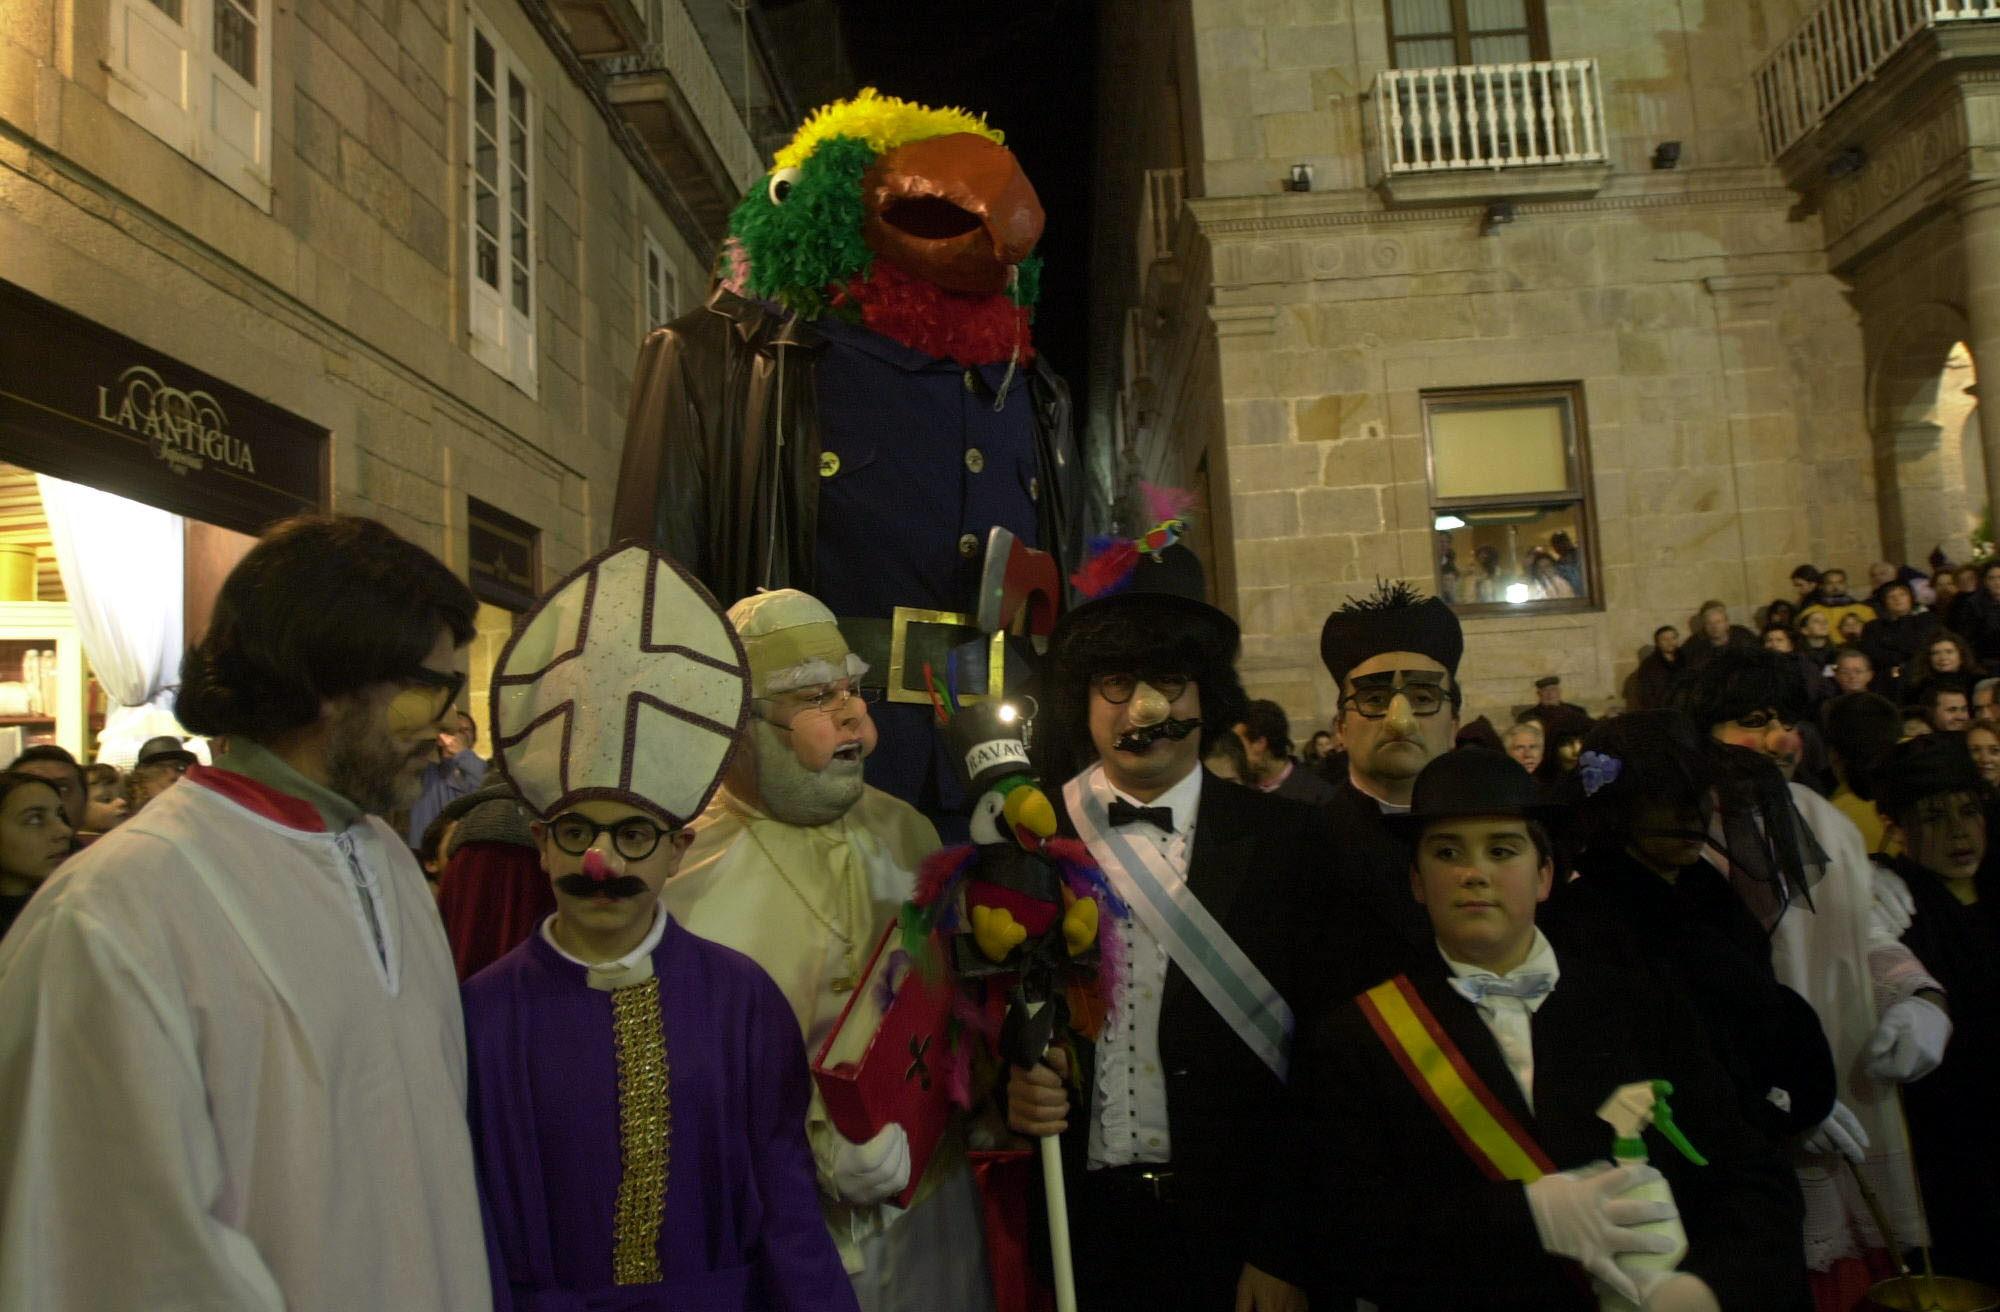 10. ENTERRO RAVACHOL 2002. DIARIO DE PONTEVEDRA. RAFA FARINA